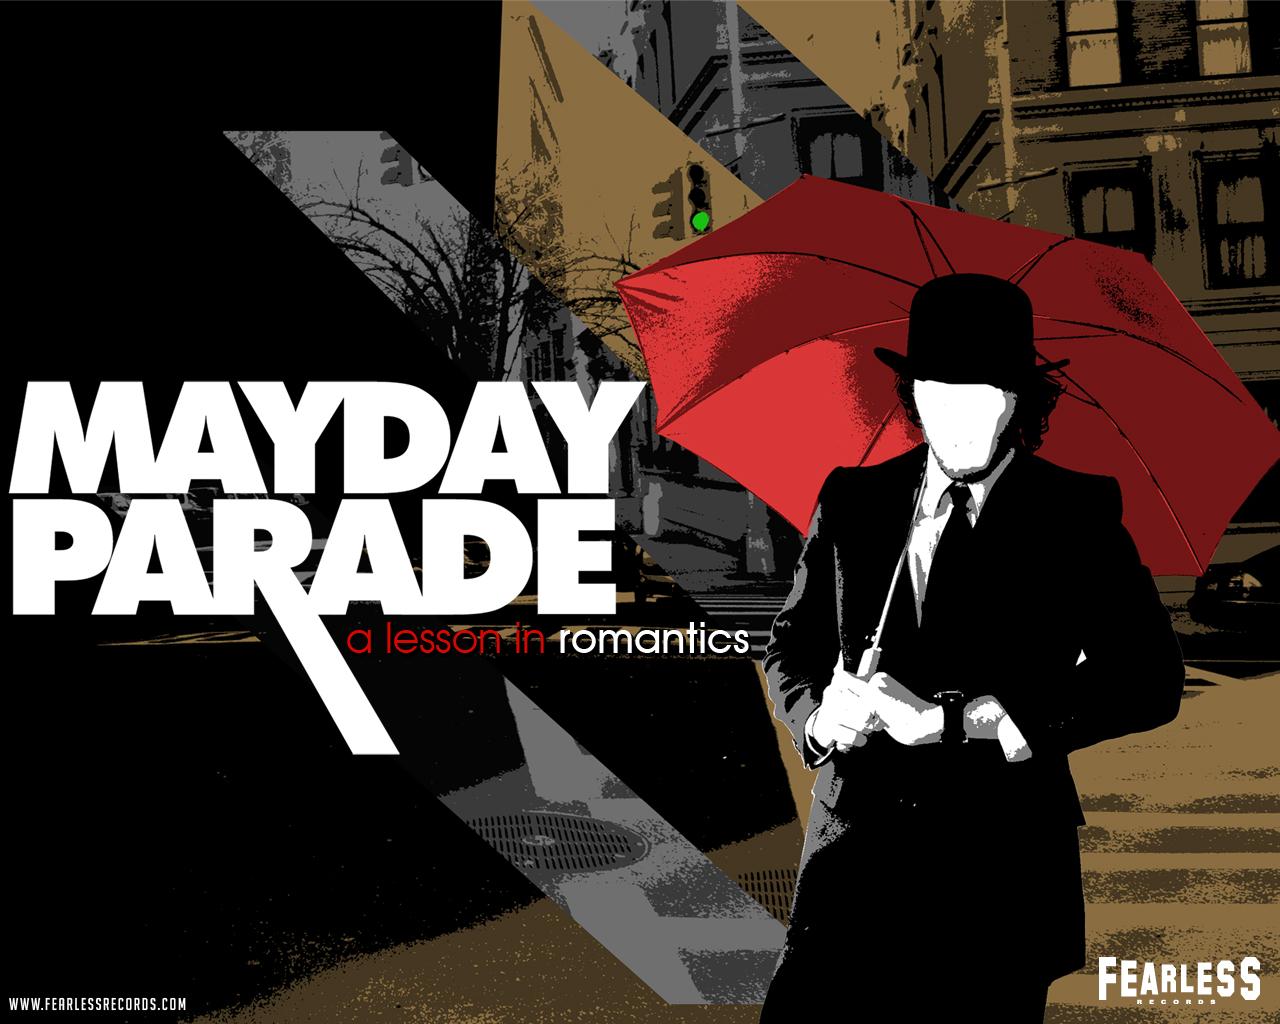 Mayday Parade wallpaper 1280x1024 28742 1280x1024